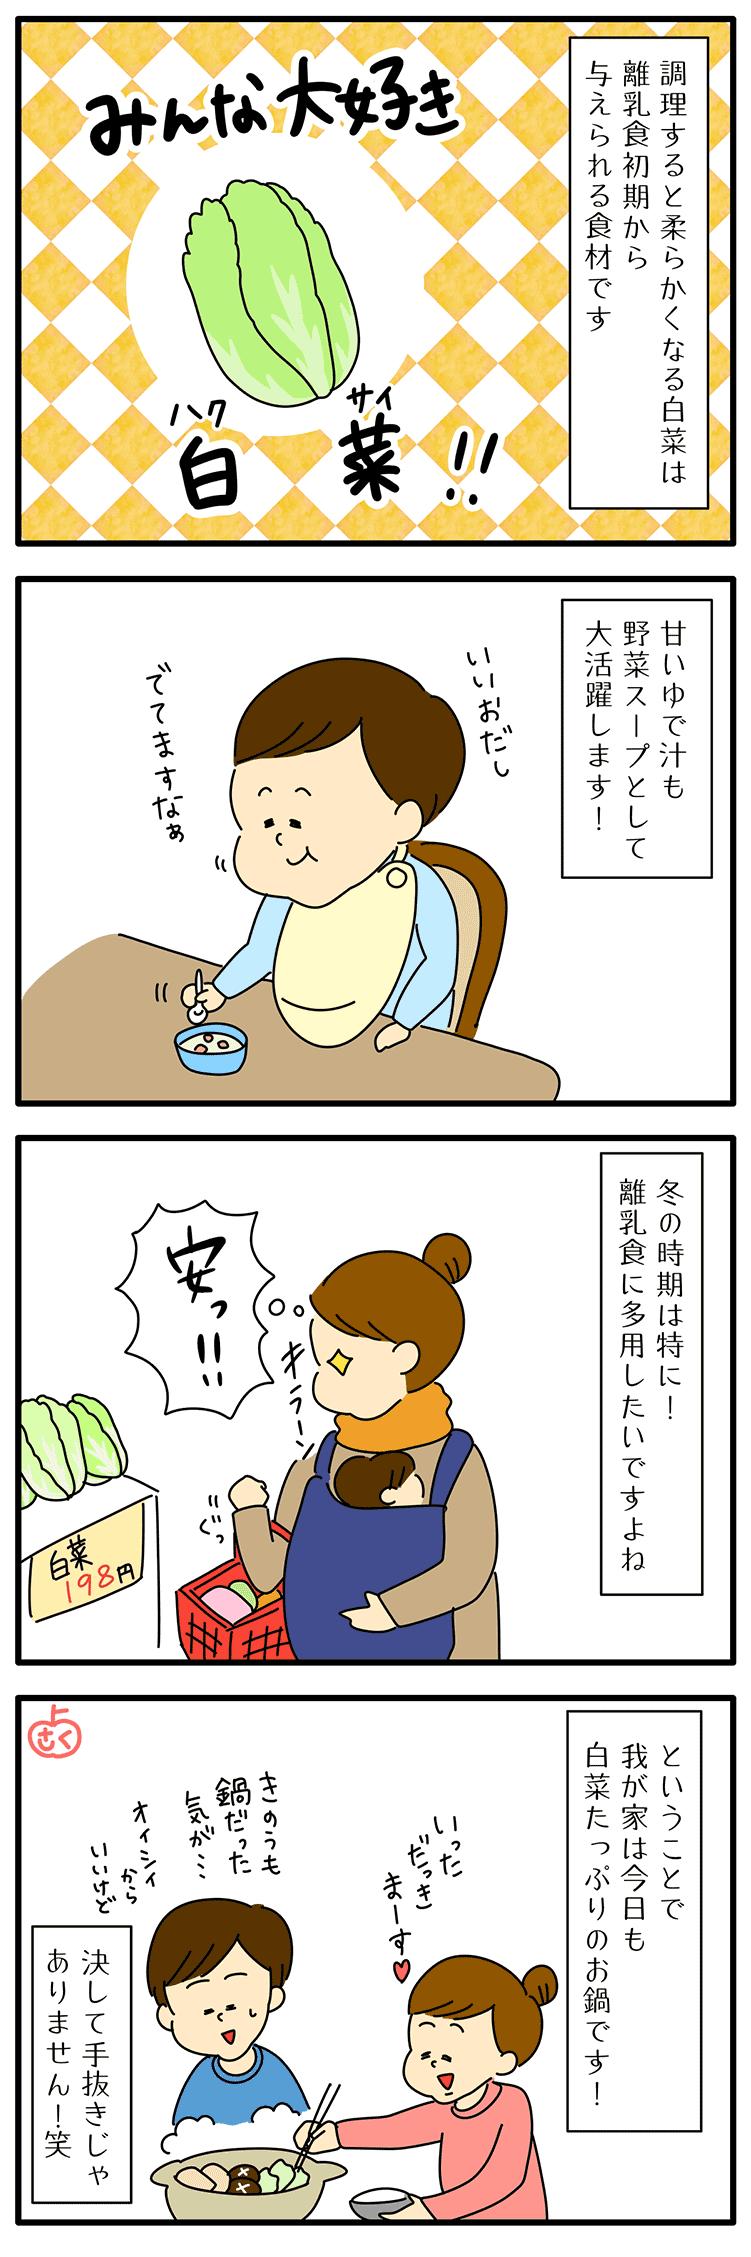 離乳食の白菜についての永岡さくら(saku)子育て4コマ漫画